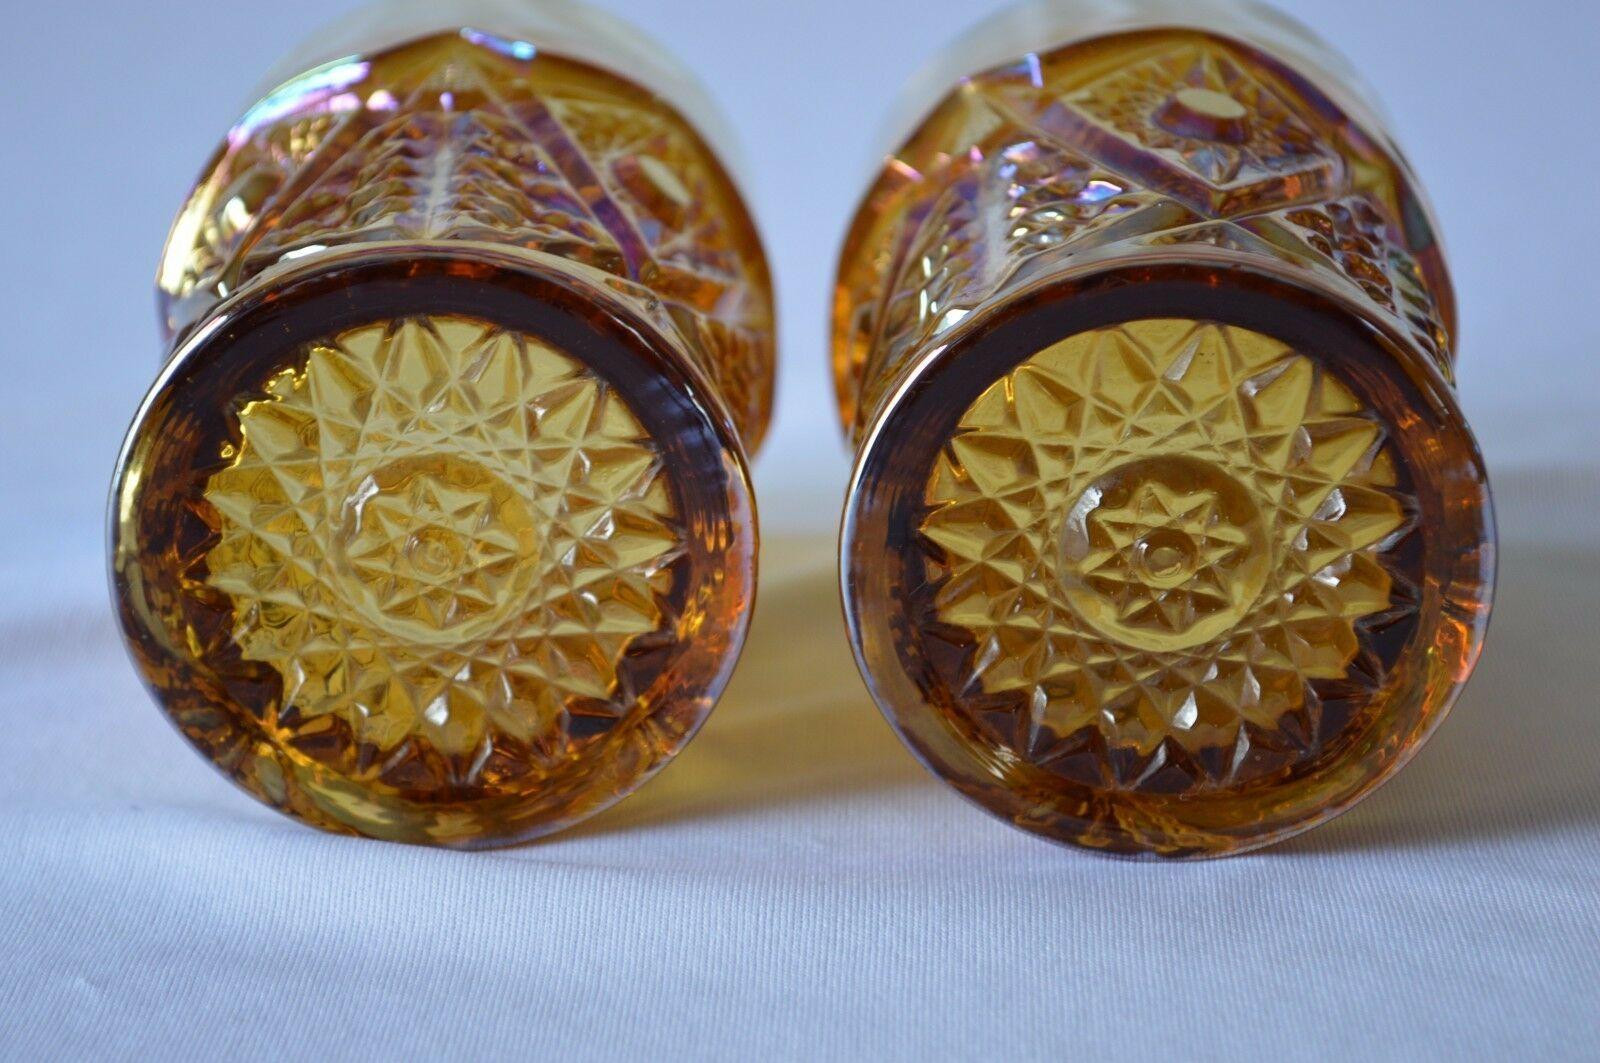 2 L E Smith Carnival Glass Valtec Tumblers image 7